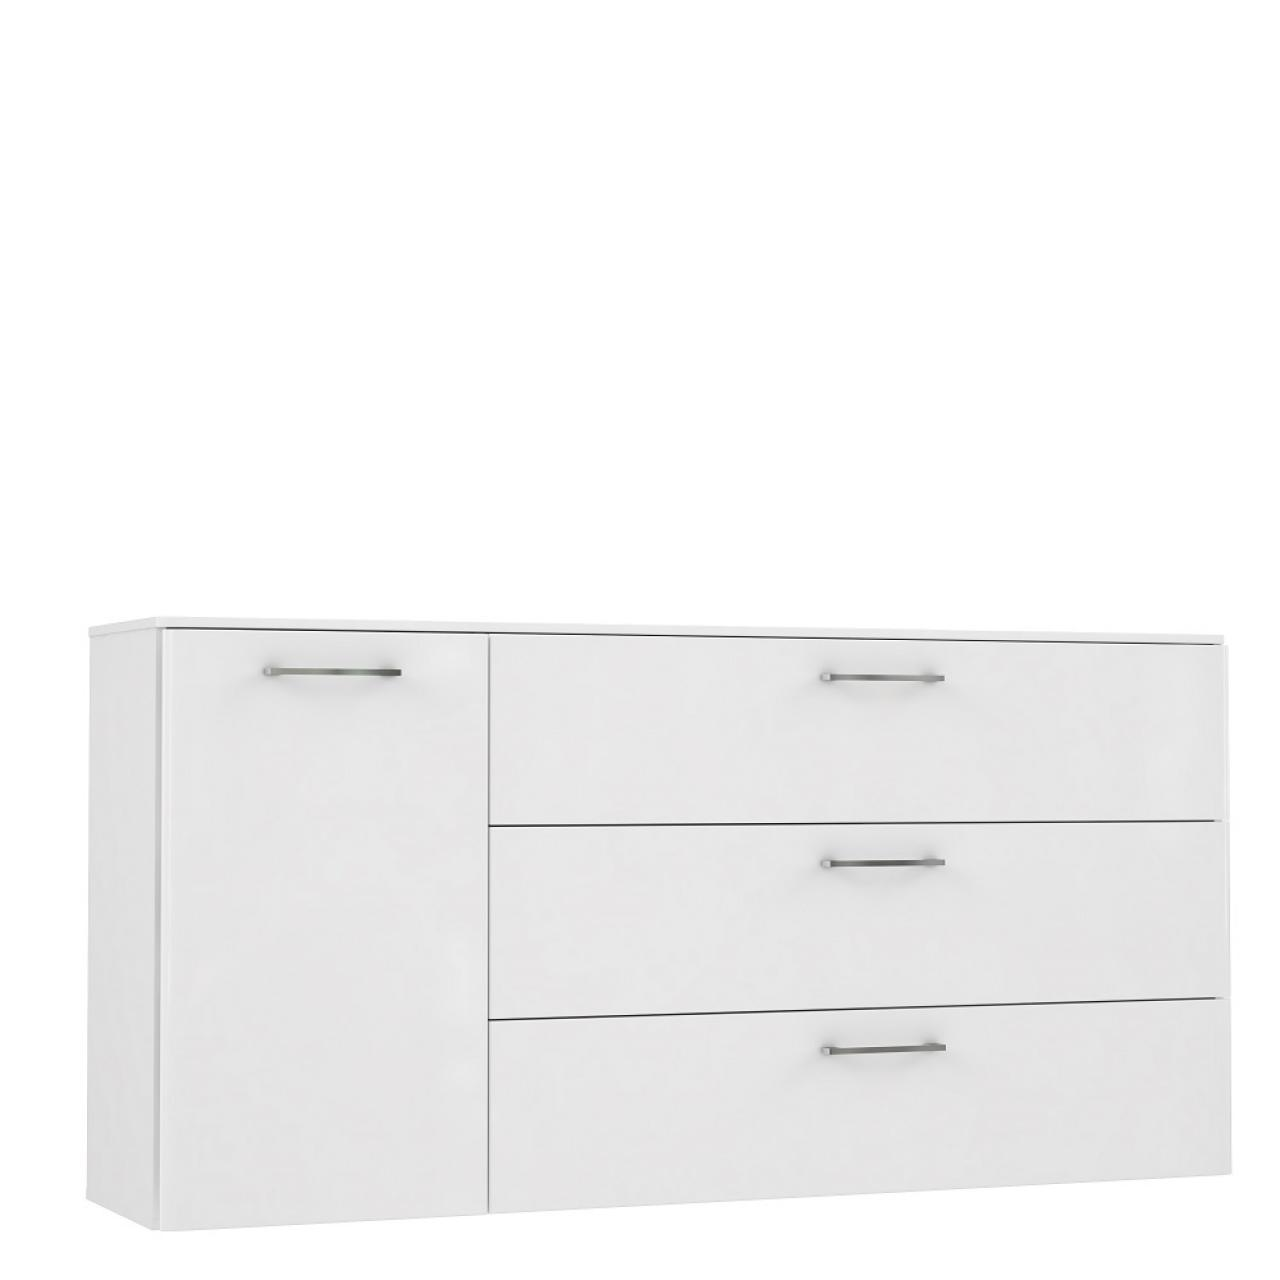 Sideboard Babila Weiß Hochglanz Weiß Anrichte Kommode 1 Tür 3 Schubkästen